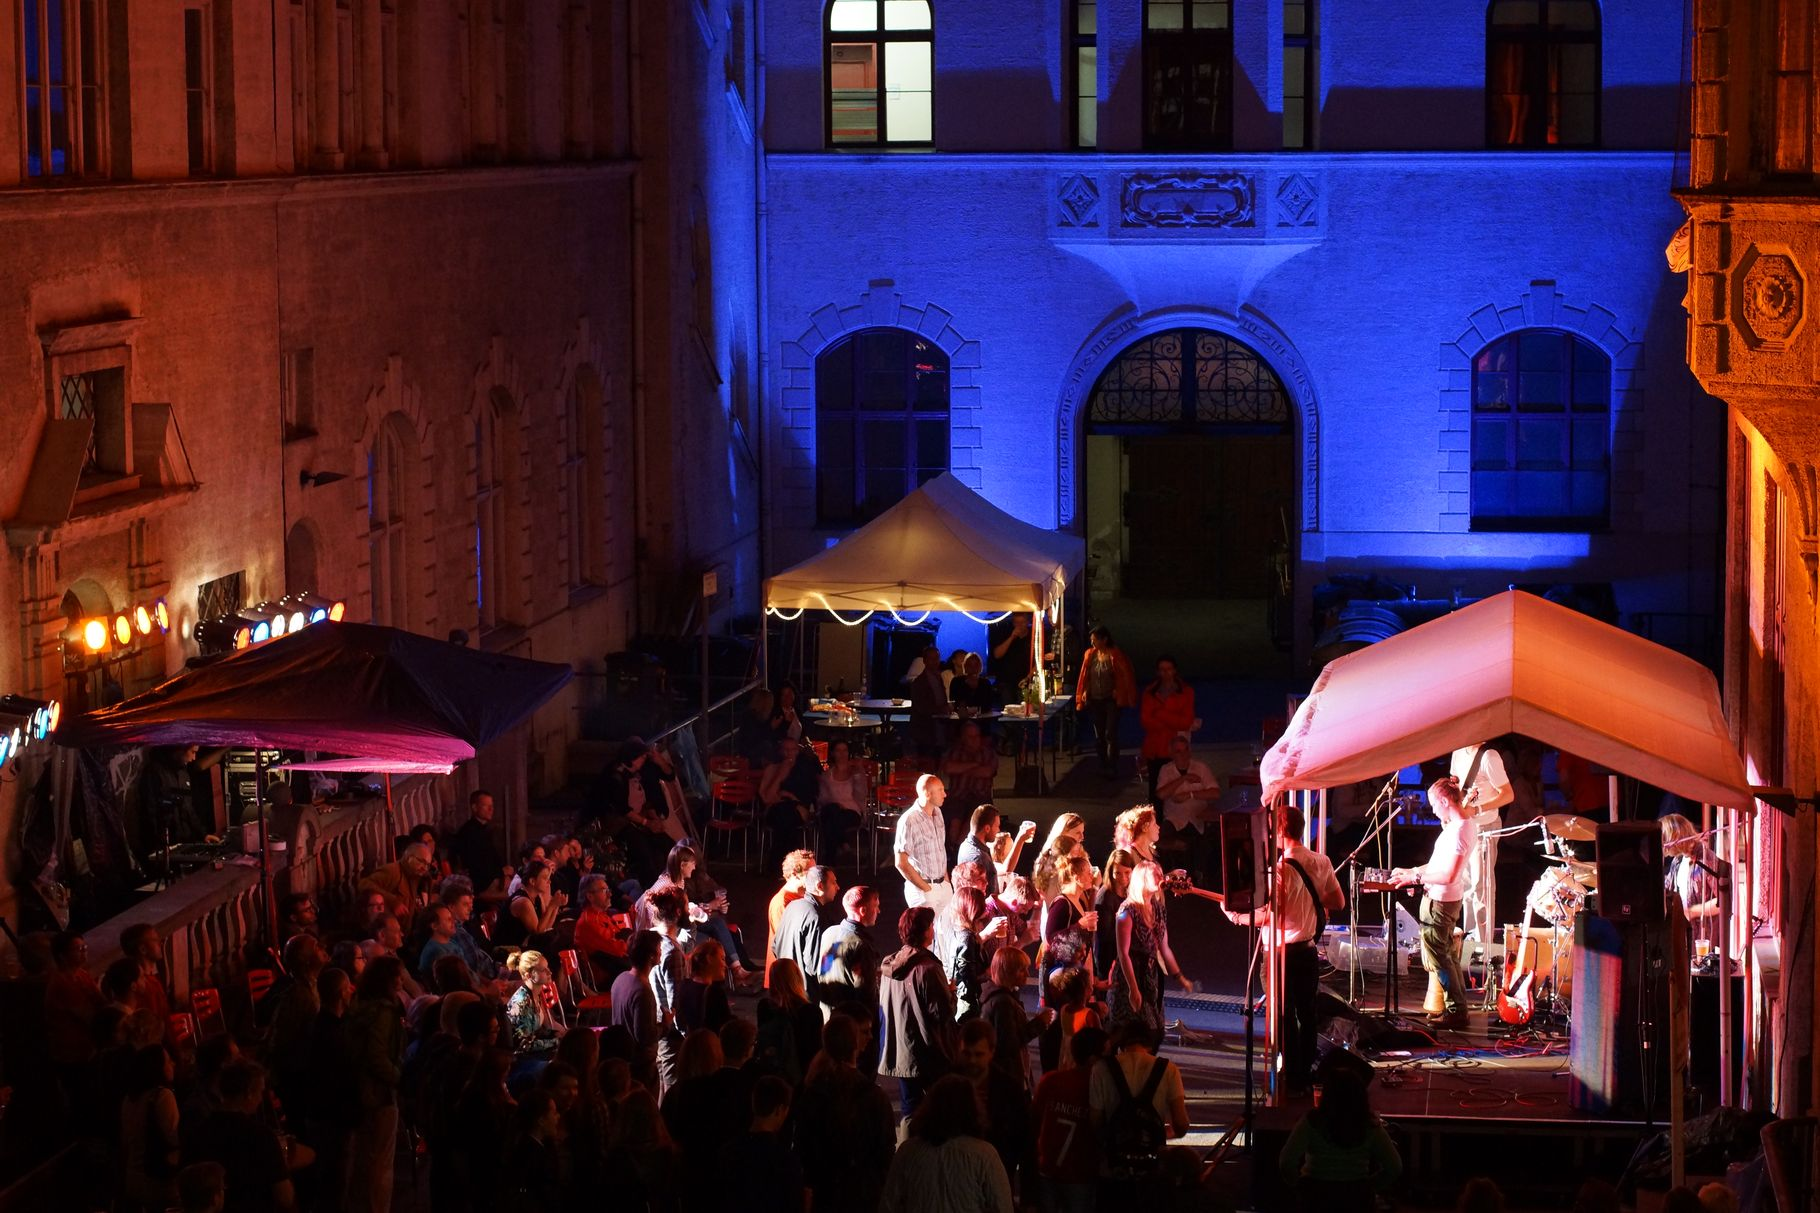 Konzerte im Bürgerhof 28.06.14 - Freiwilligen-Zentrum Augsburg - Foto: Crayfish